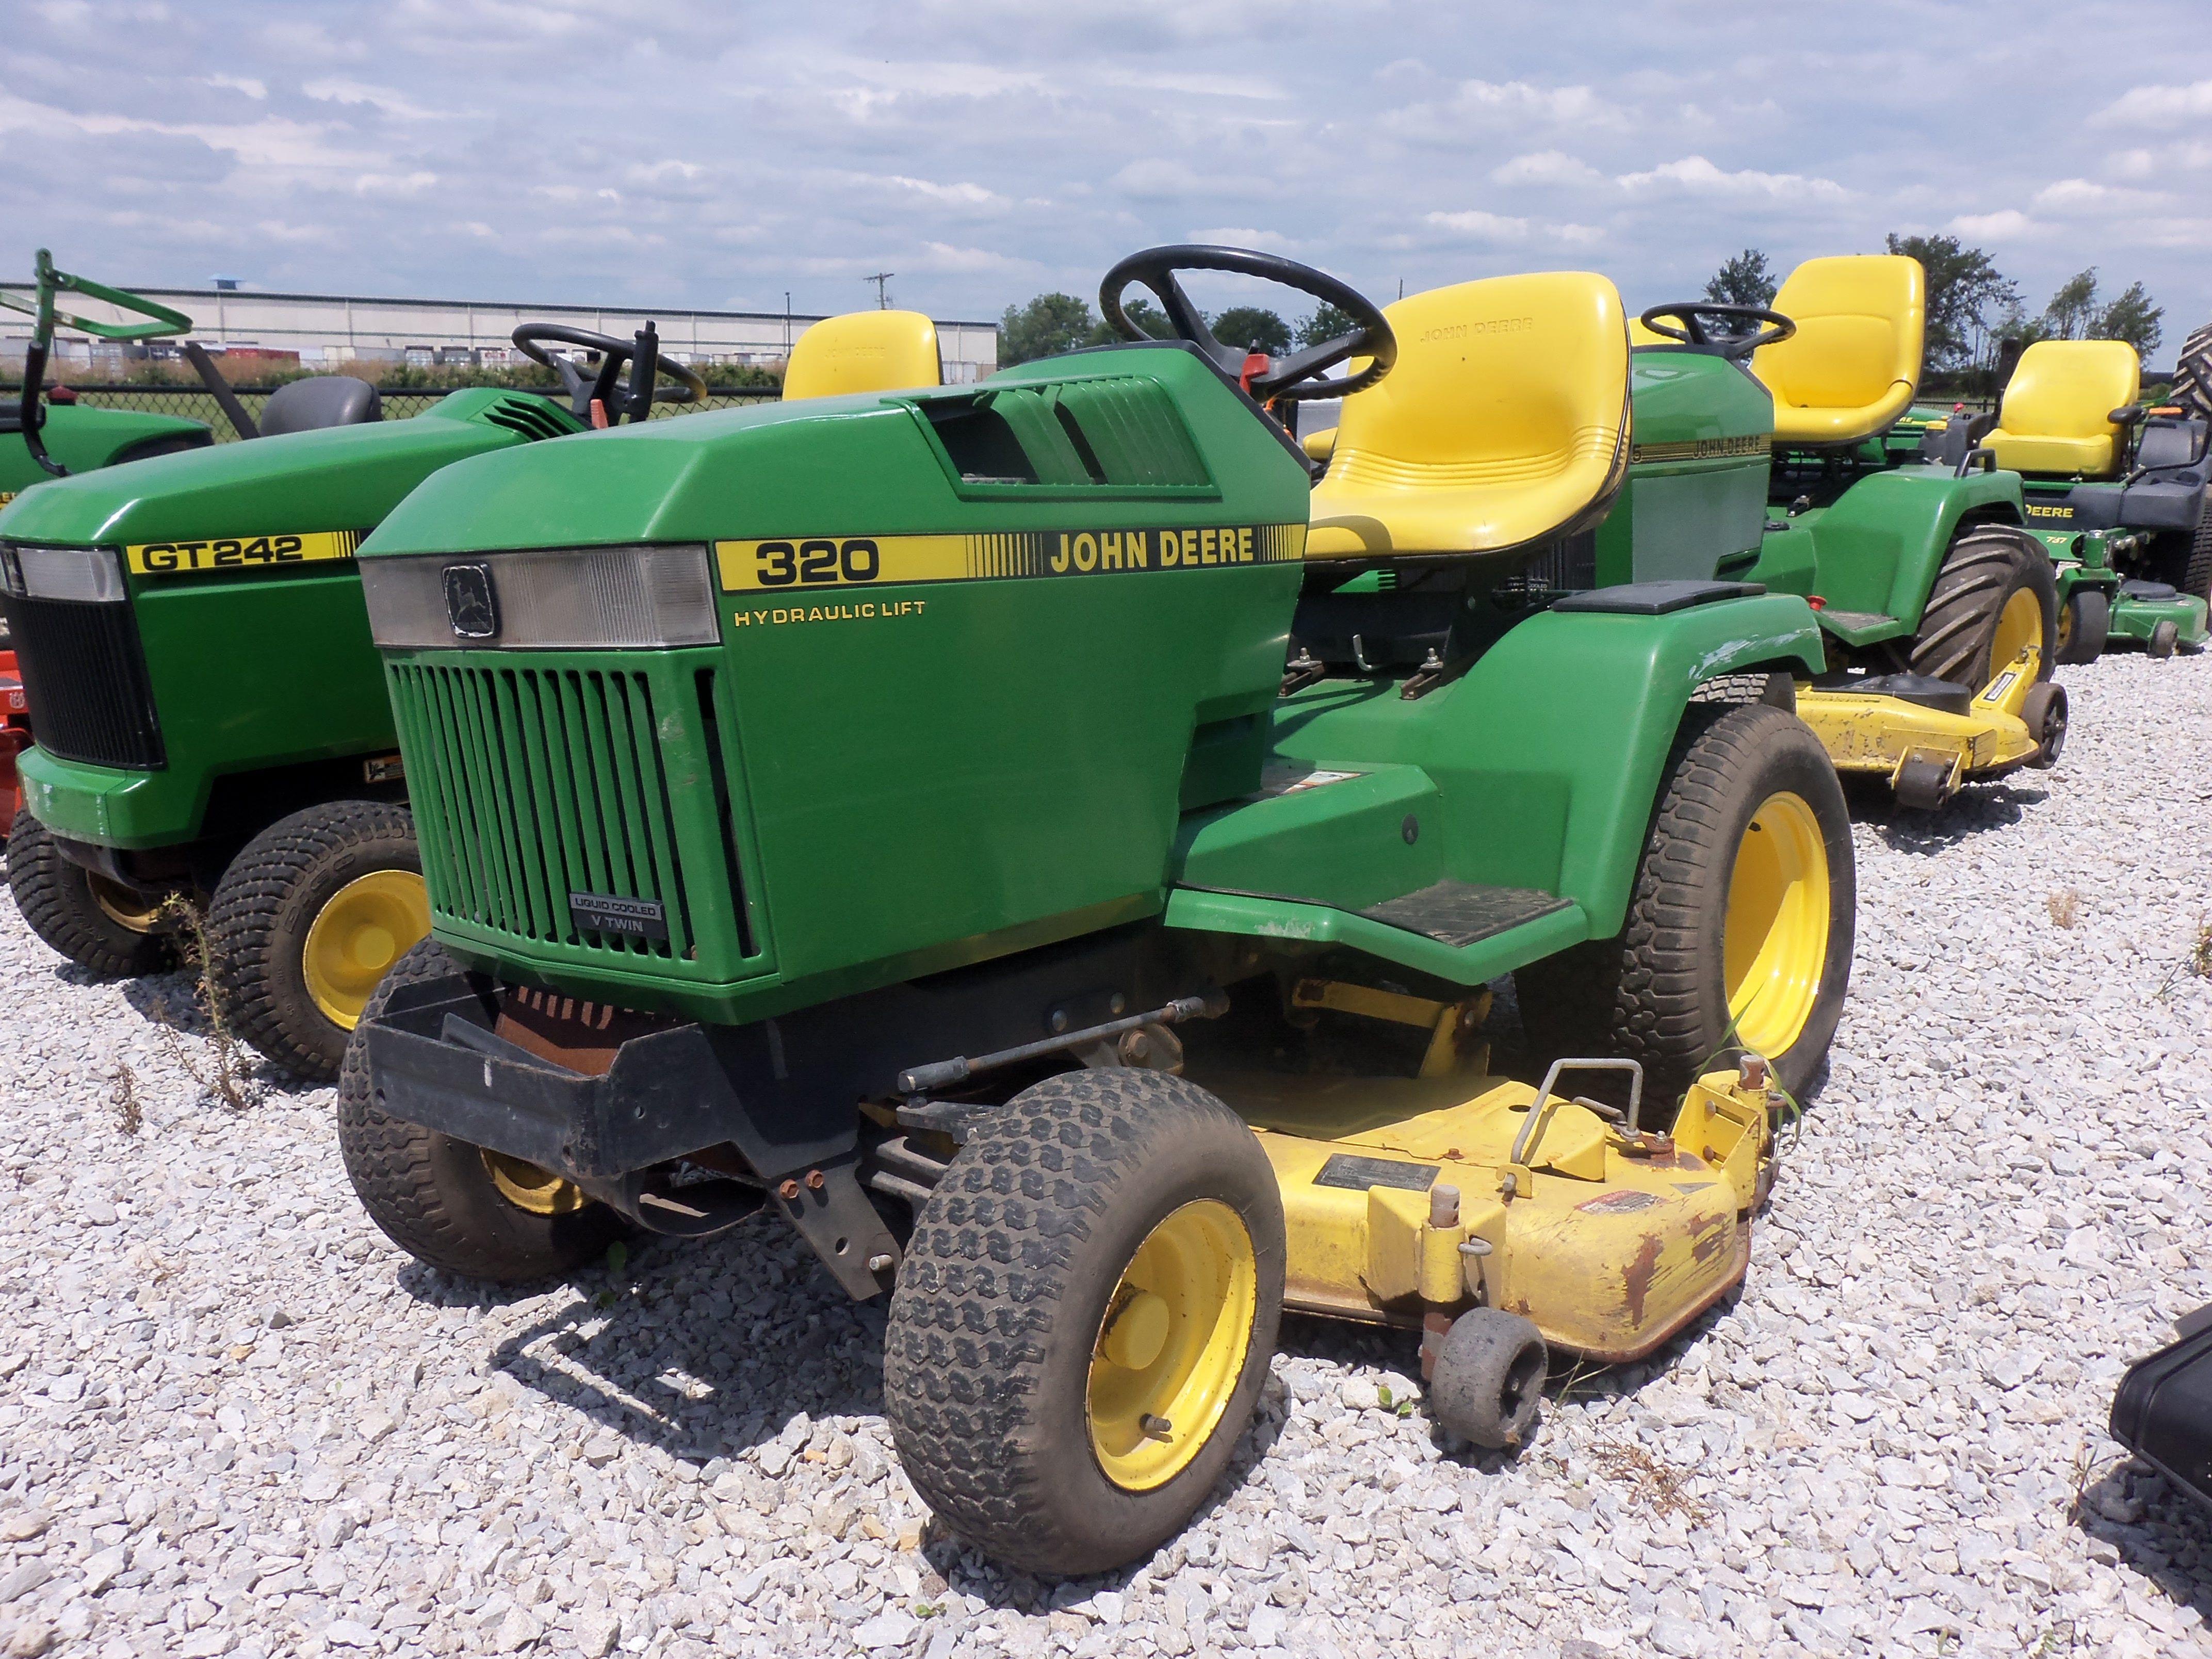 John Deere 320 Lawn Garden Tractor